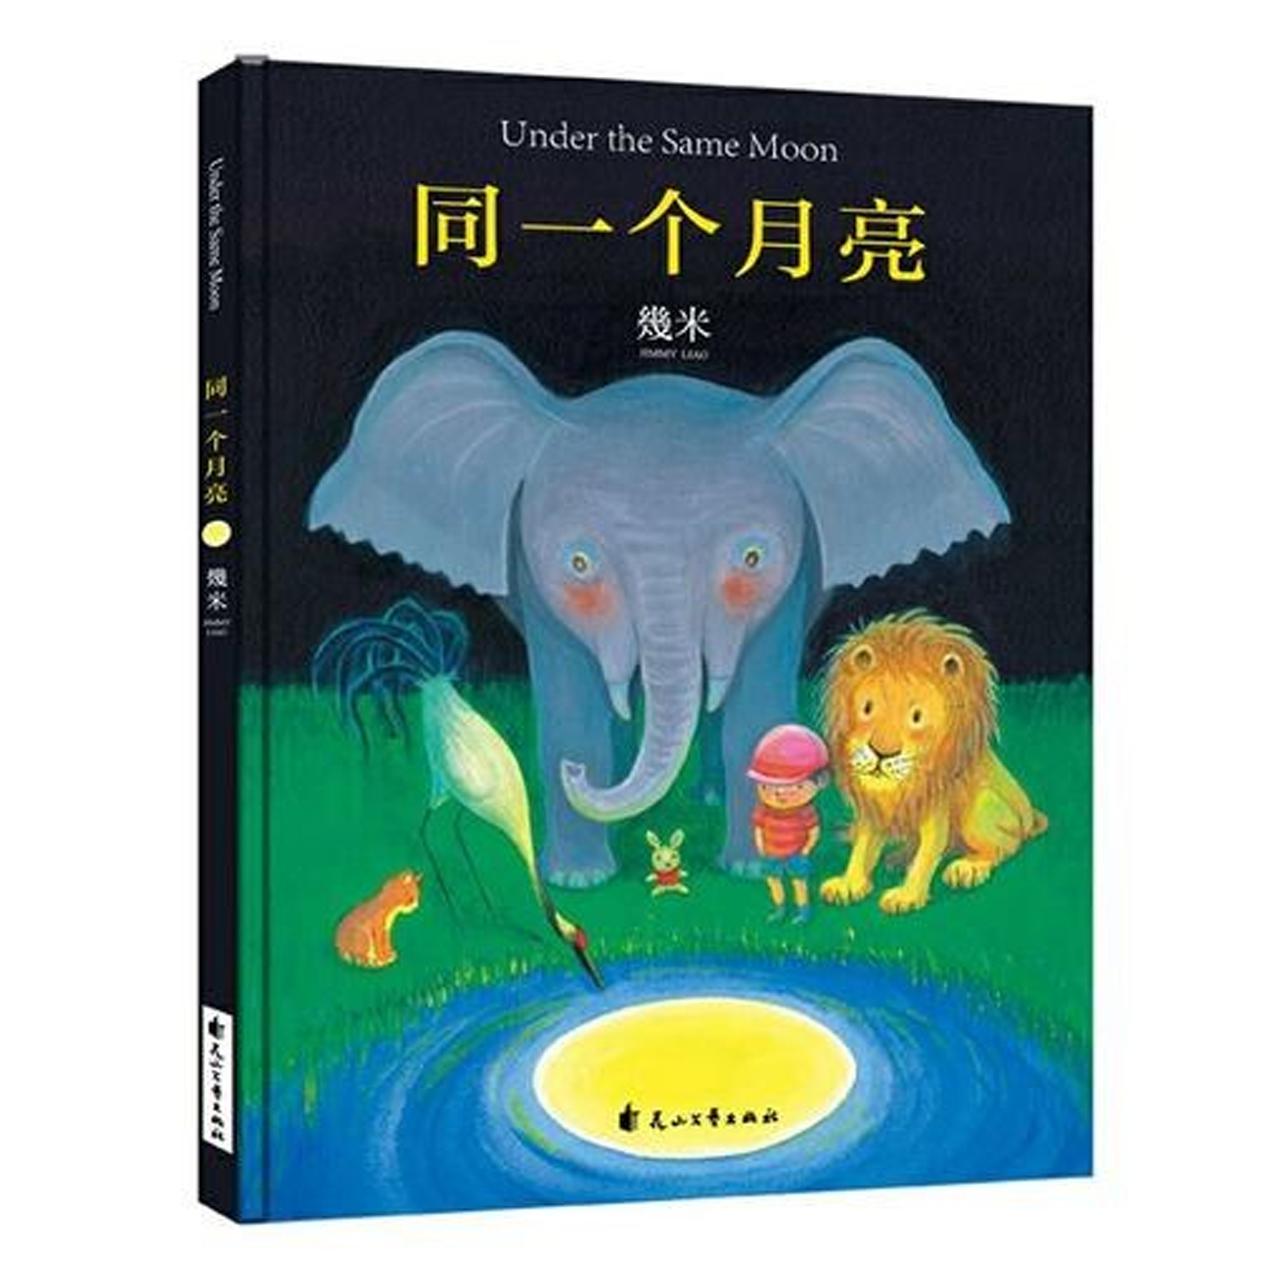 同一个月亮【儿童绘本/简体绘本/有趣故事】